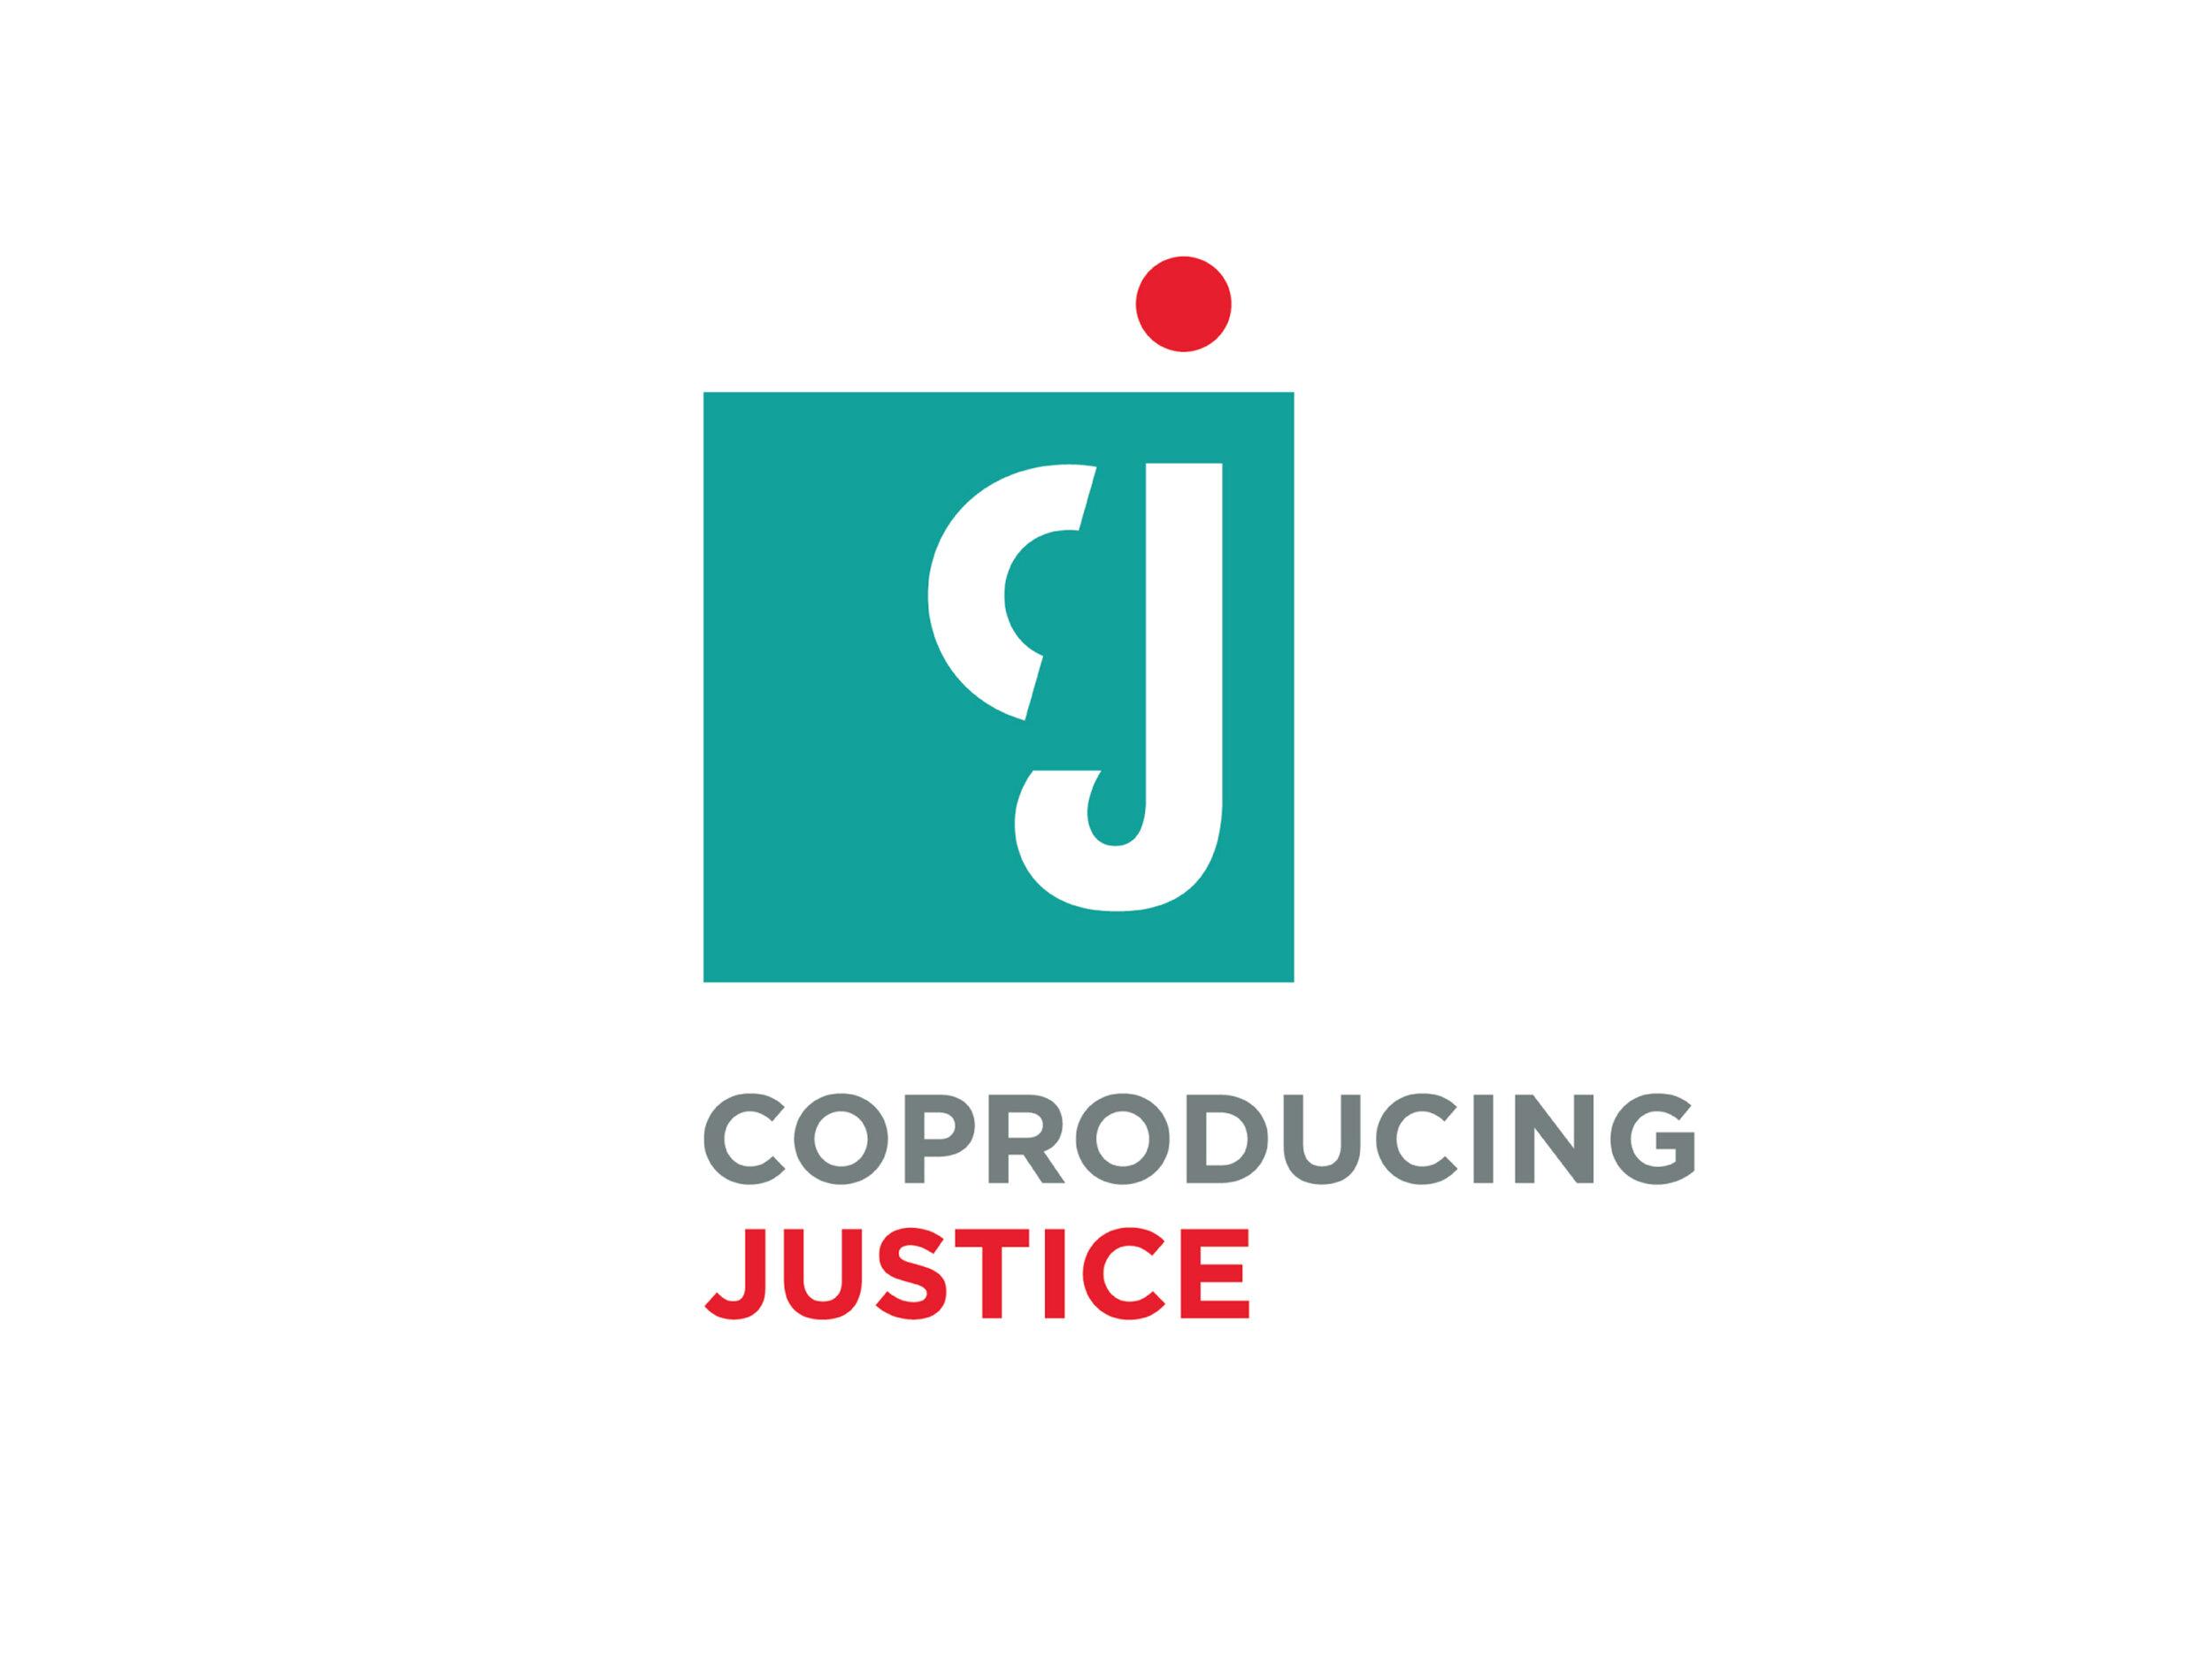 CJ_logo.jpg